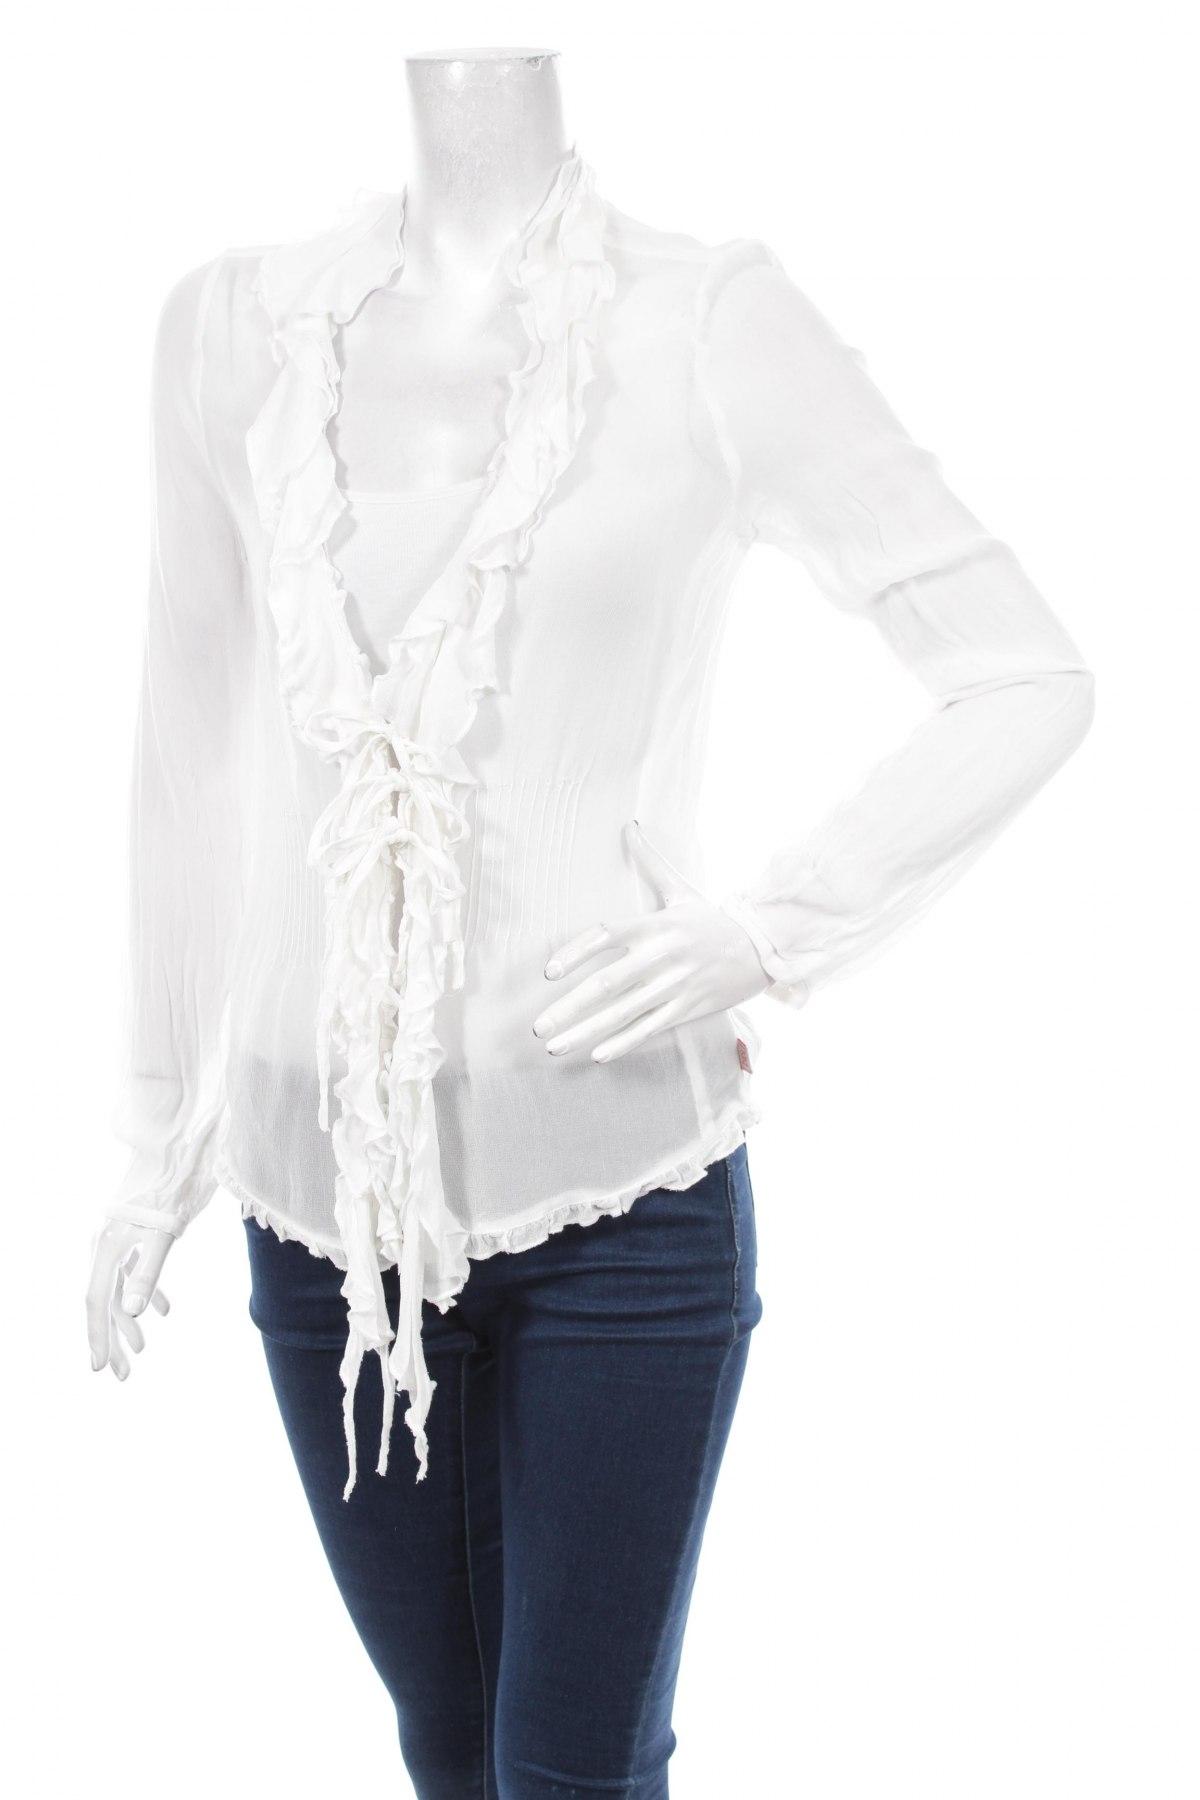 Γυναικείο πουκάμισο Didi, Μέγεθος M, Χρώμα Λευκό, 100% βισκόζη, Τιμή 24,23€